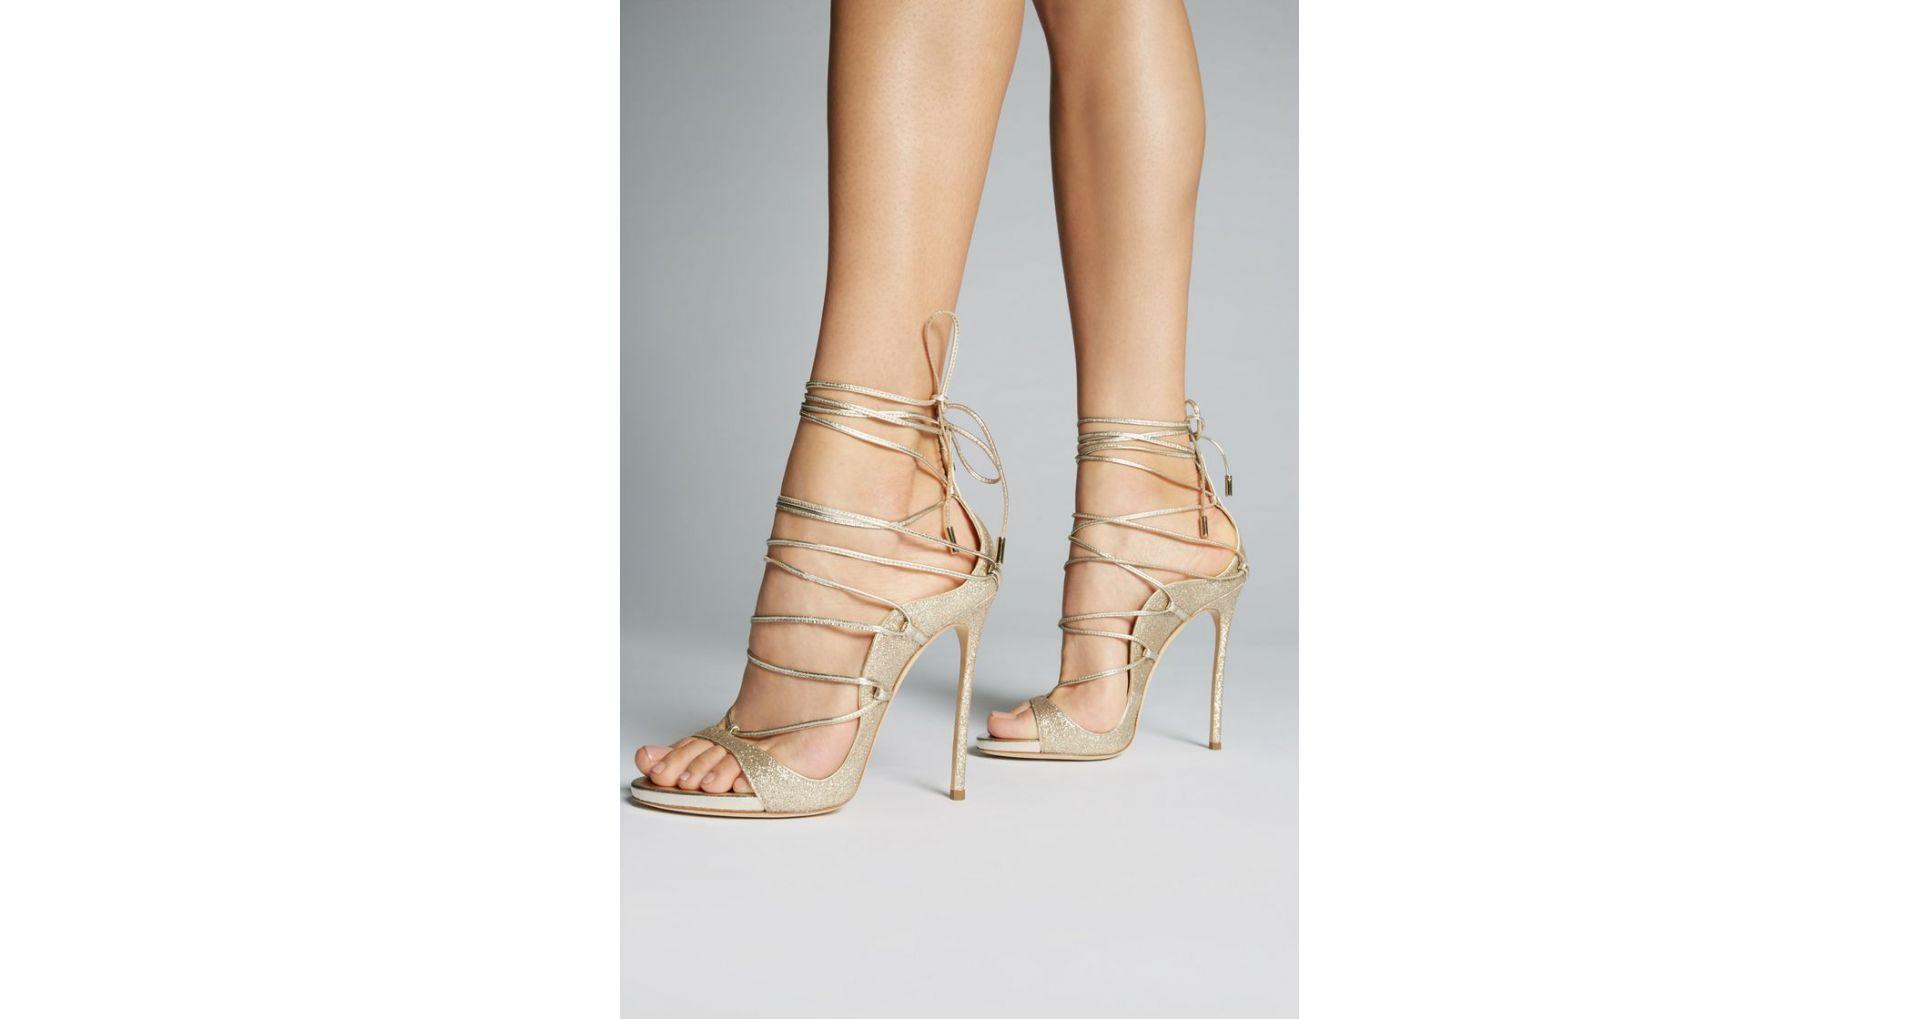 Descopera noile colectii de sandale, cu reduceri